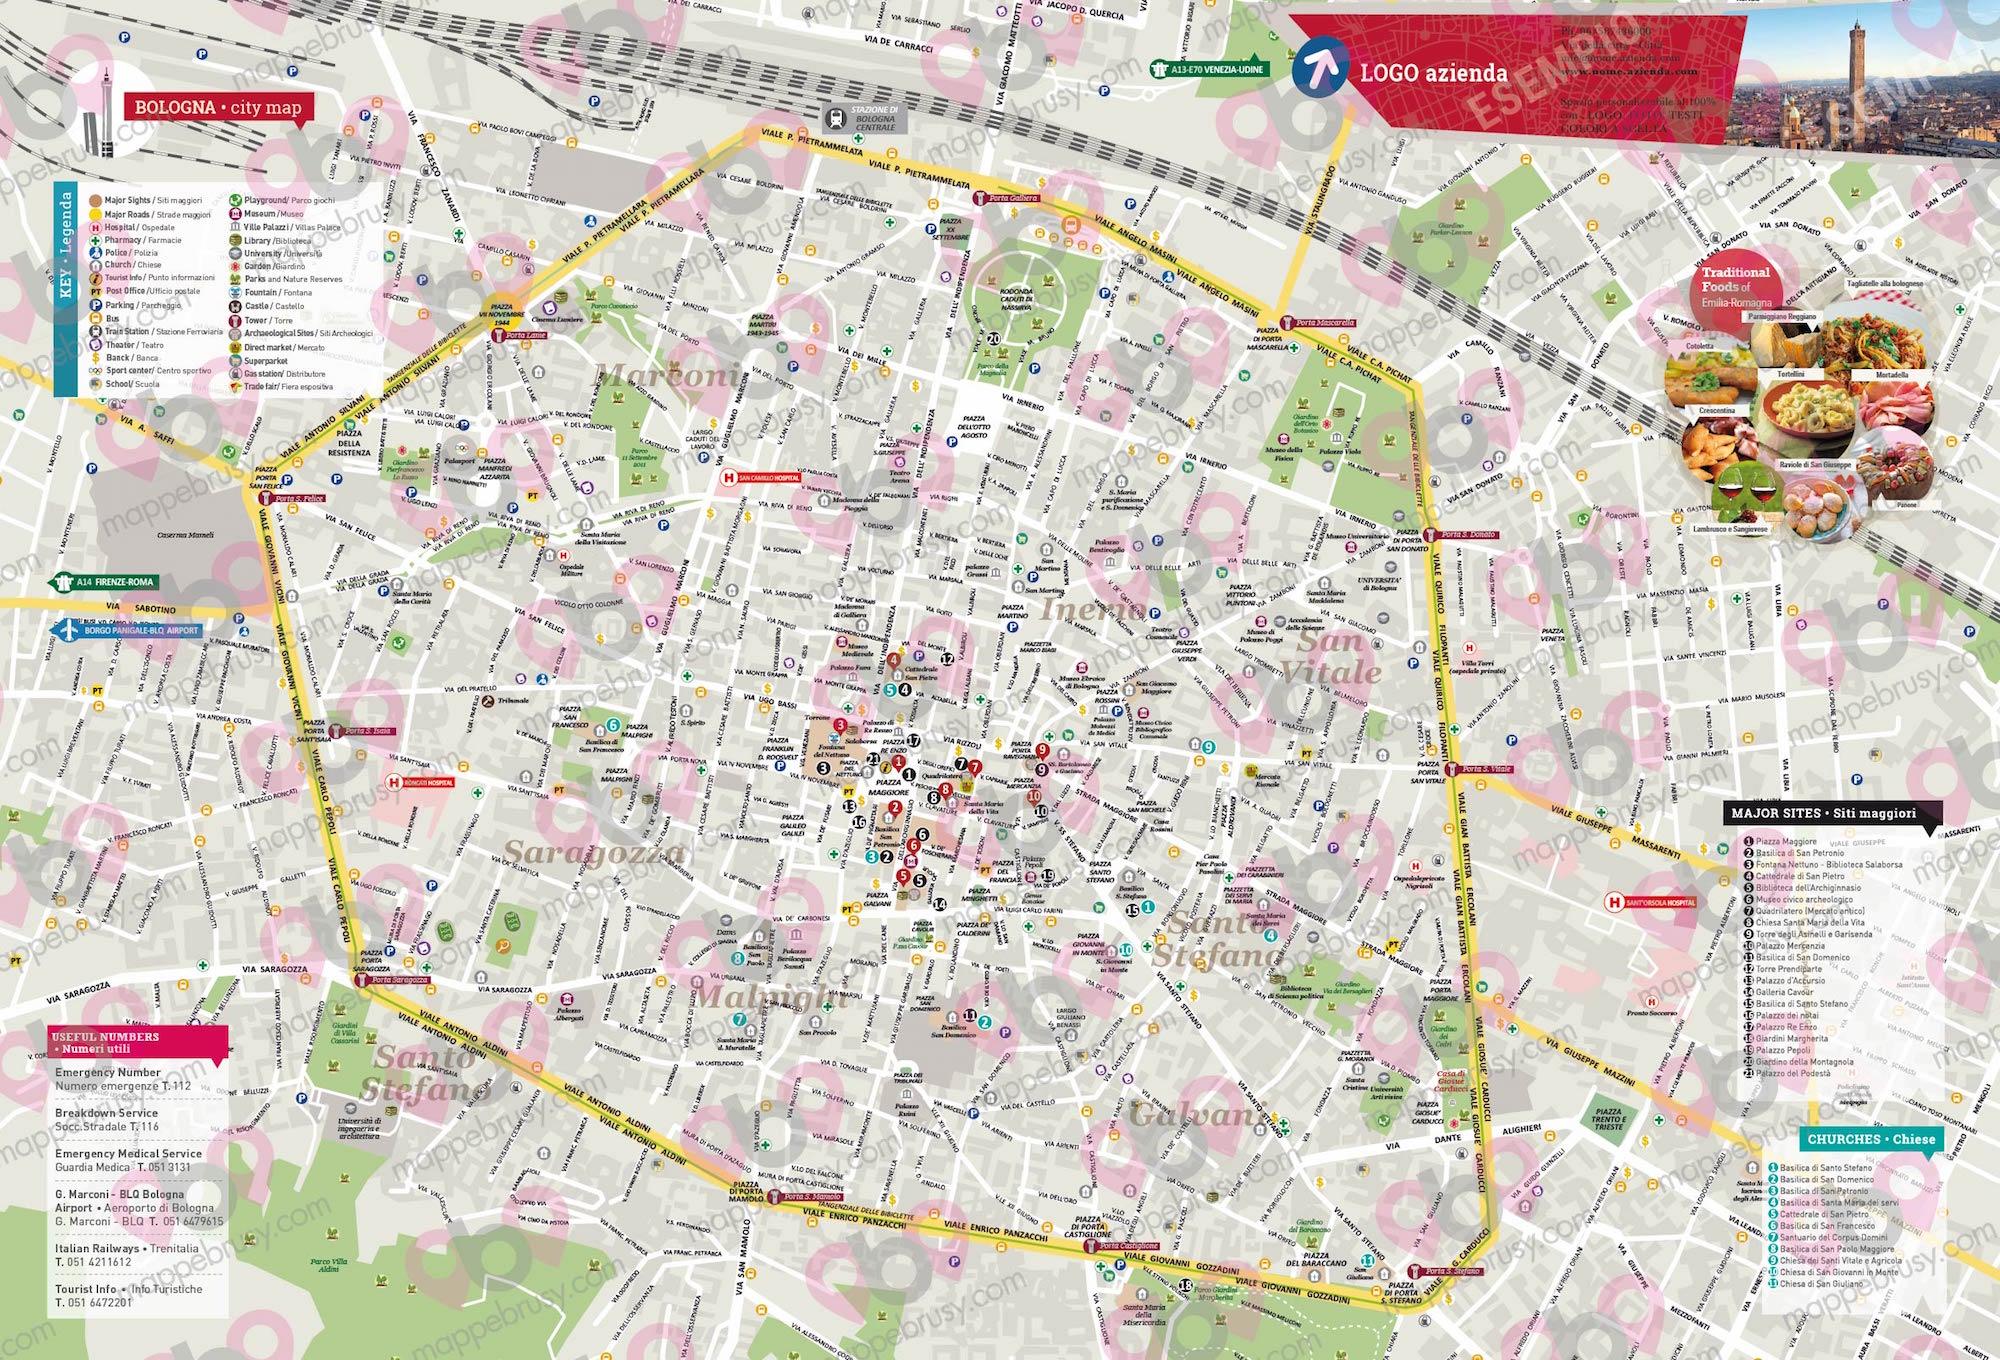 Bologna Cartina Geografica.Mappa Di Bologna Da Scaricare Cartina E Mappa Stradale Bologna Tuttocitta